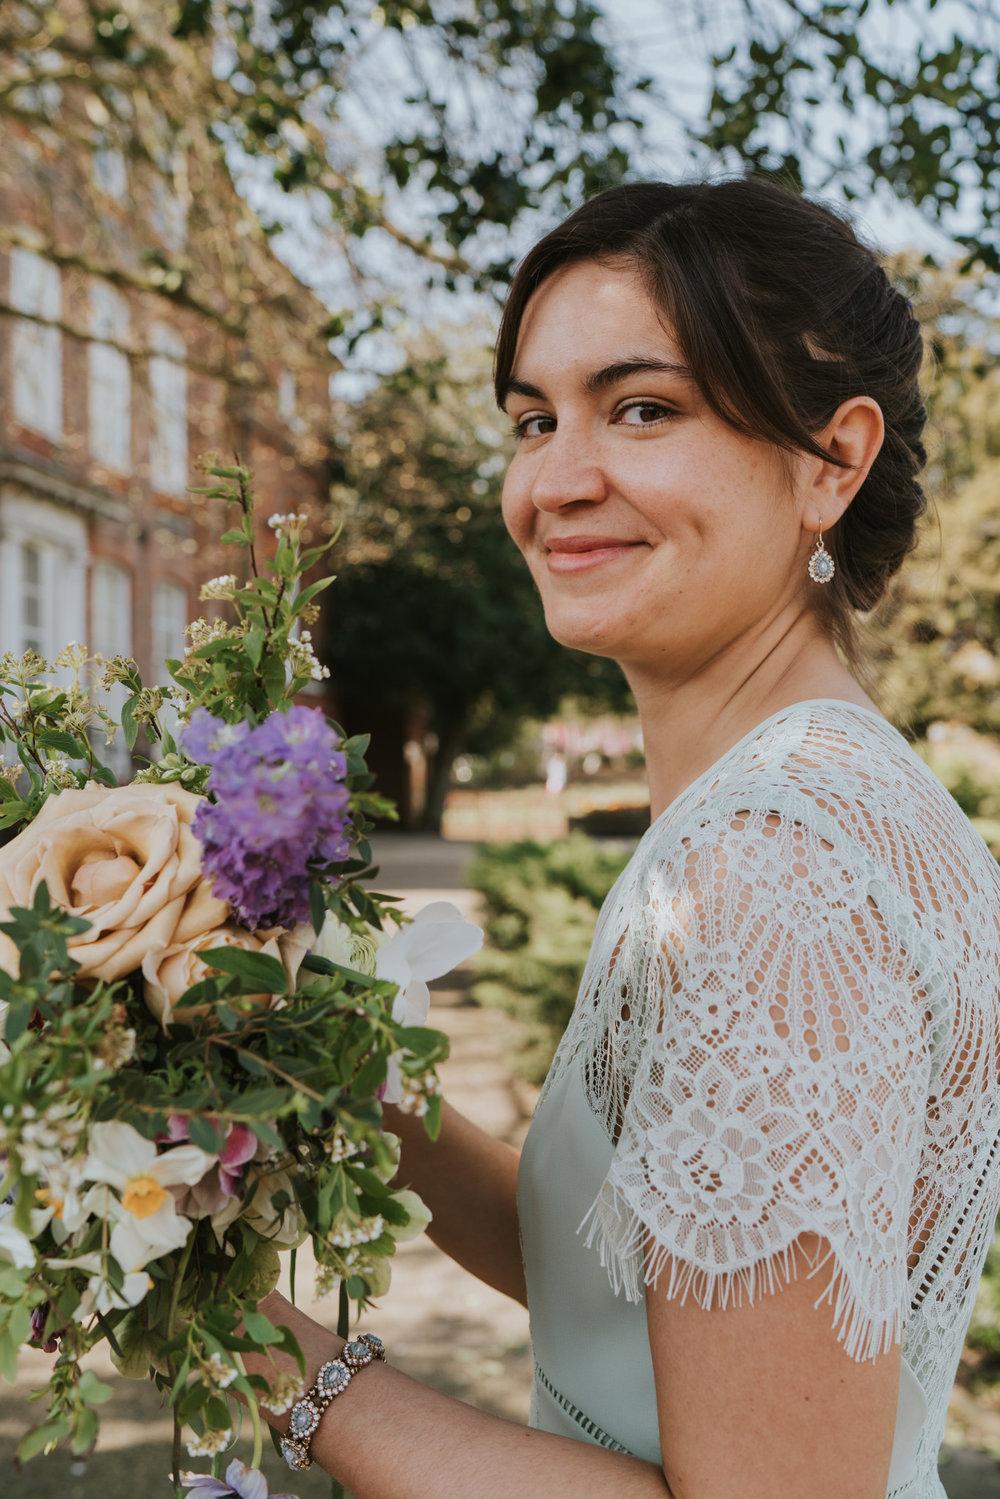 Will-Rhiannon-Art-Deco-Alterative-Essex-Wedding-Suffolk-Grace-Elizabeth-58.jpg